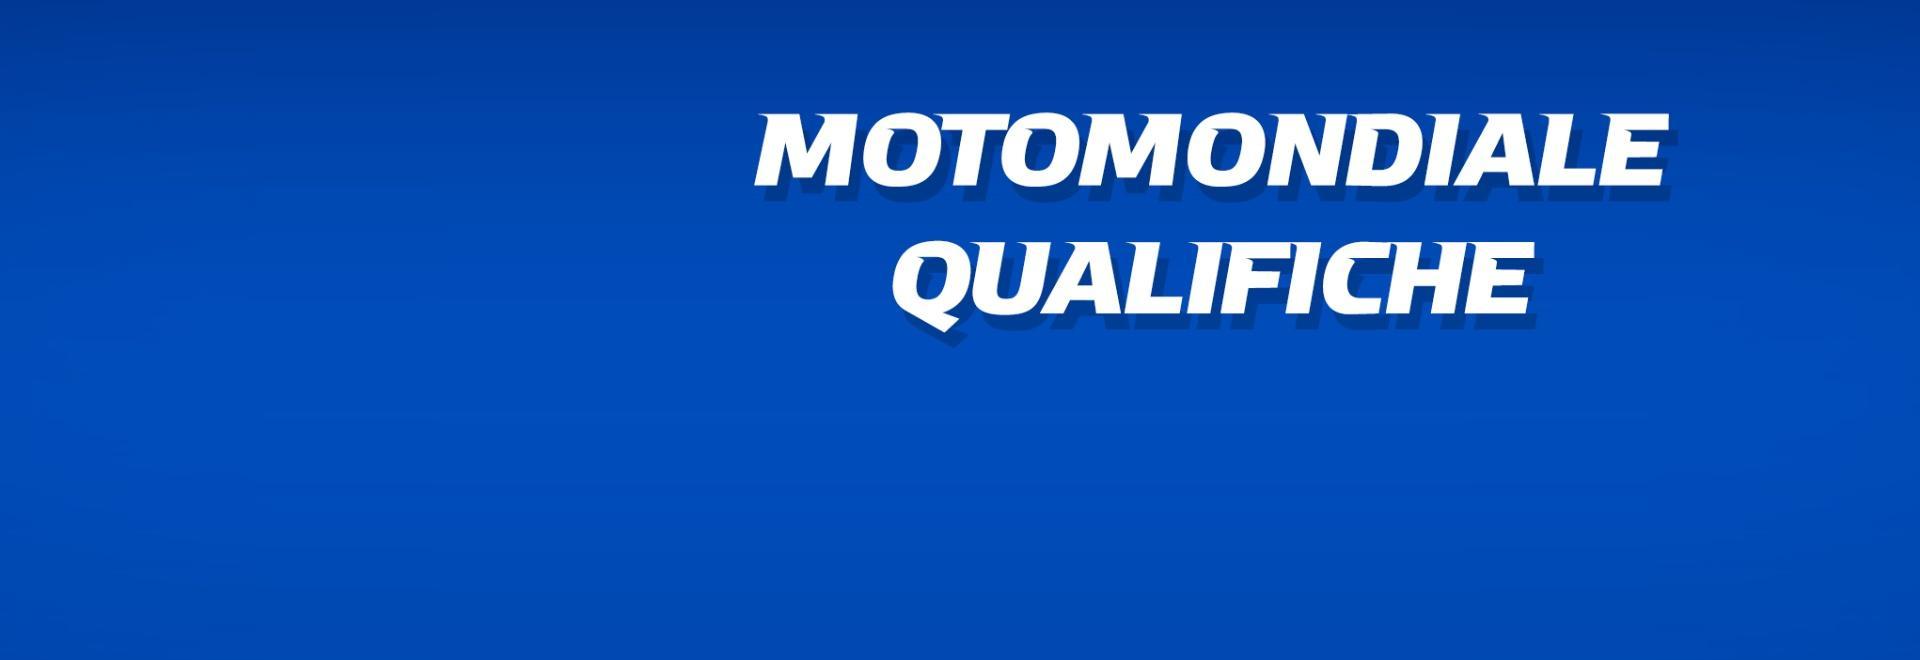 Motomondiale Qualifiche